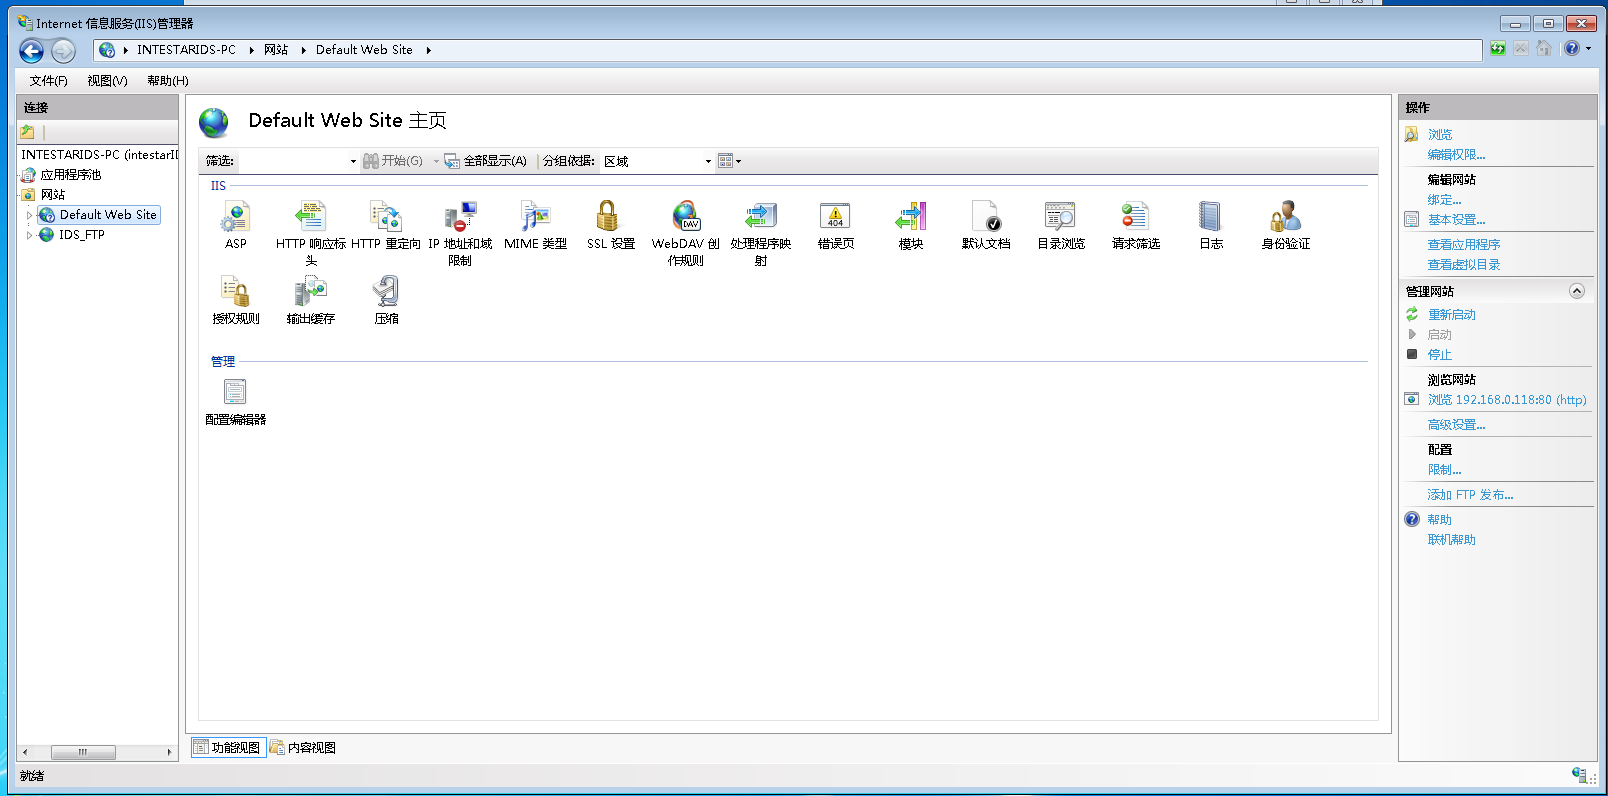 选择默认WEB和FTP